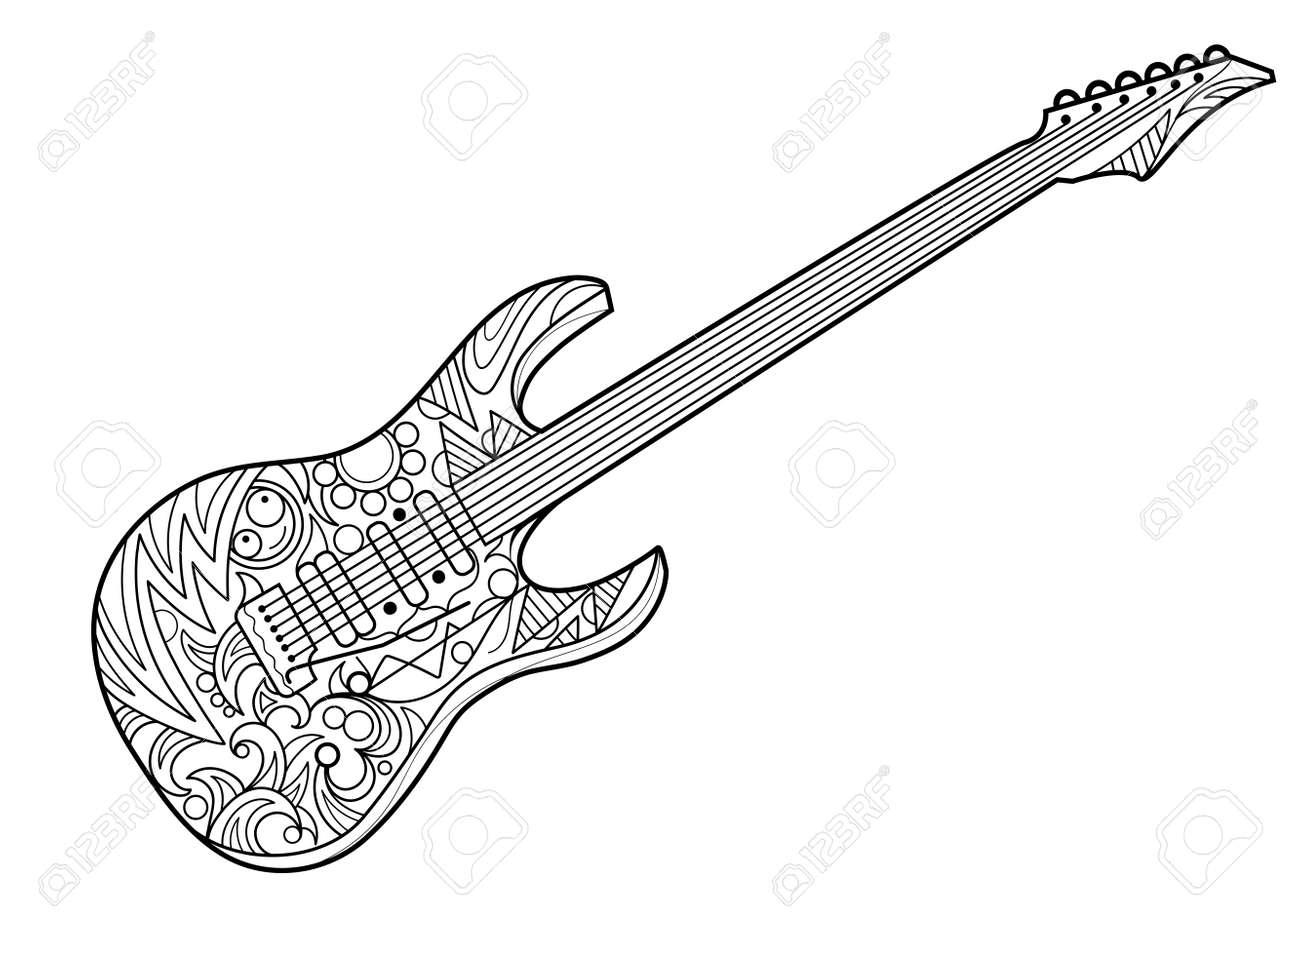 Guitare électrique Livre De Coloriage Pour Les Adultes Illustration Violon Instrument De Musique Anti Stress Coloration Pour Les Adultes Les Lignes